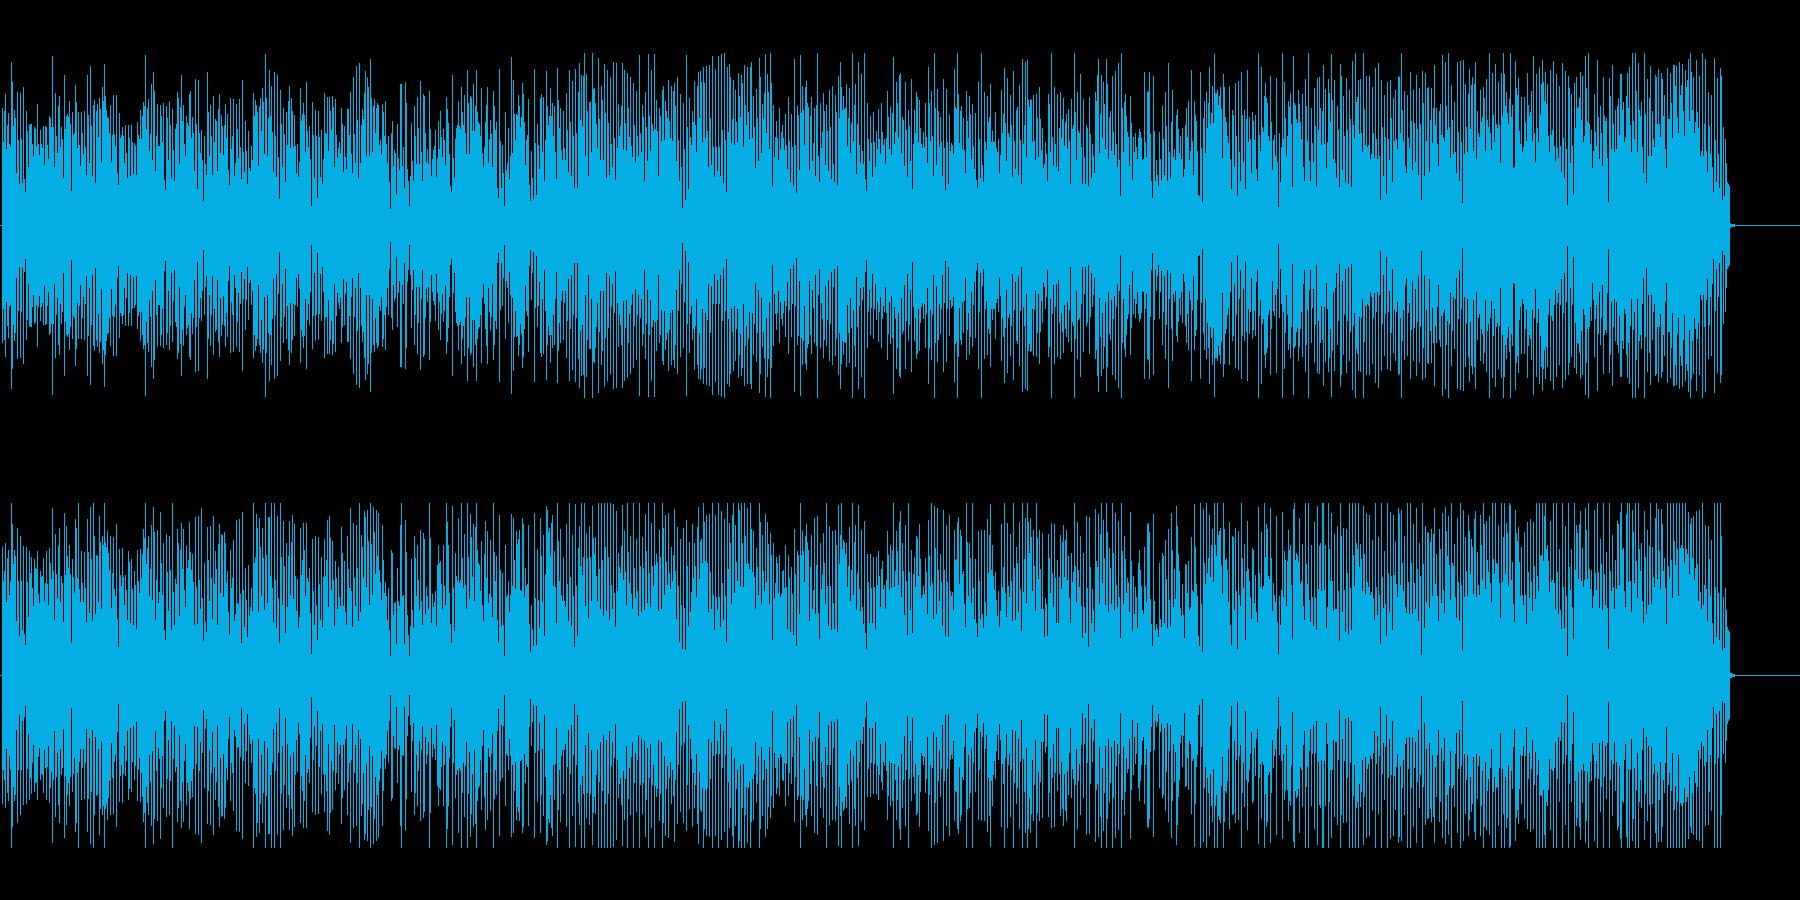 忙しい 子供 ペット かわいい ほのぼのの再生済みの波形